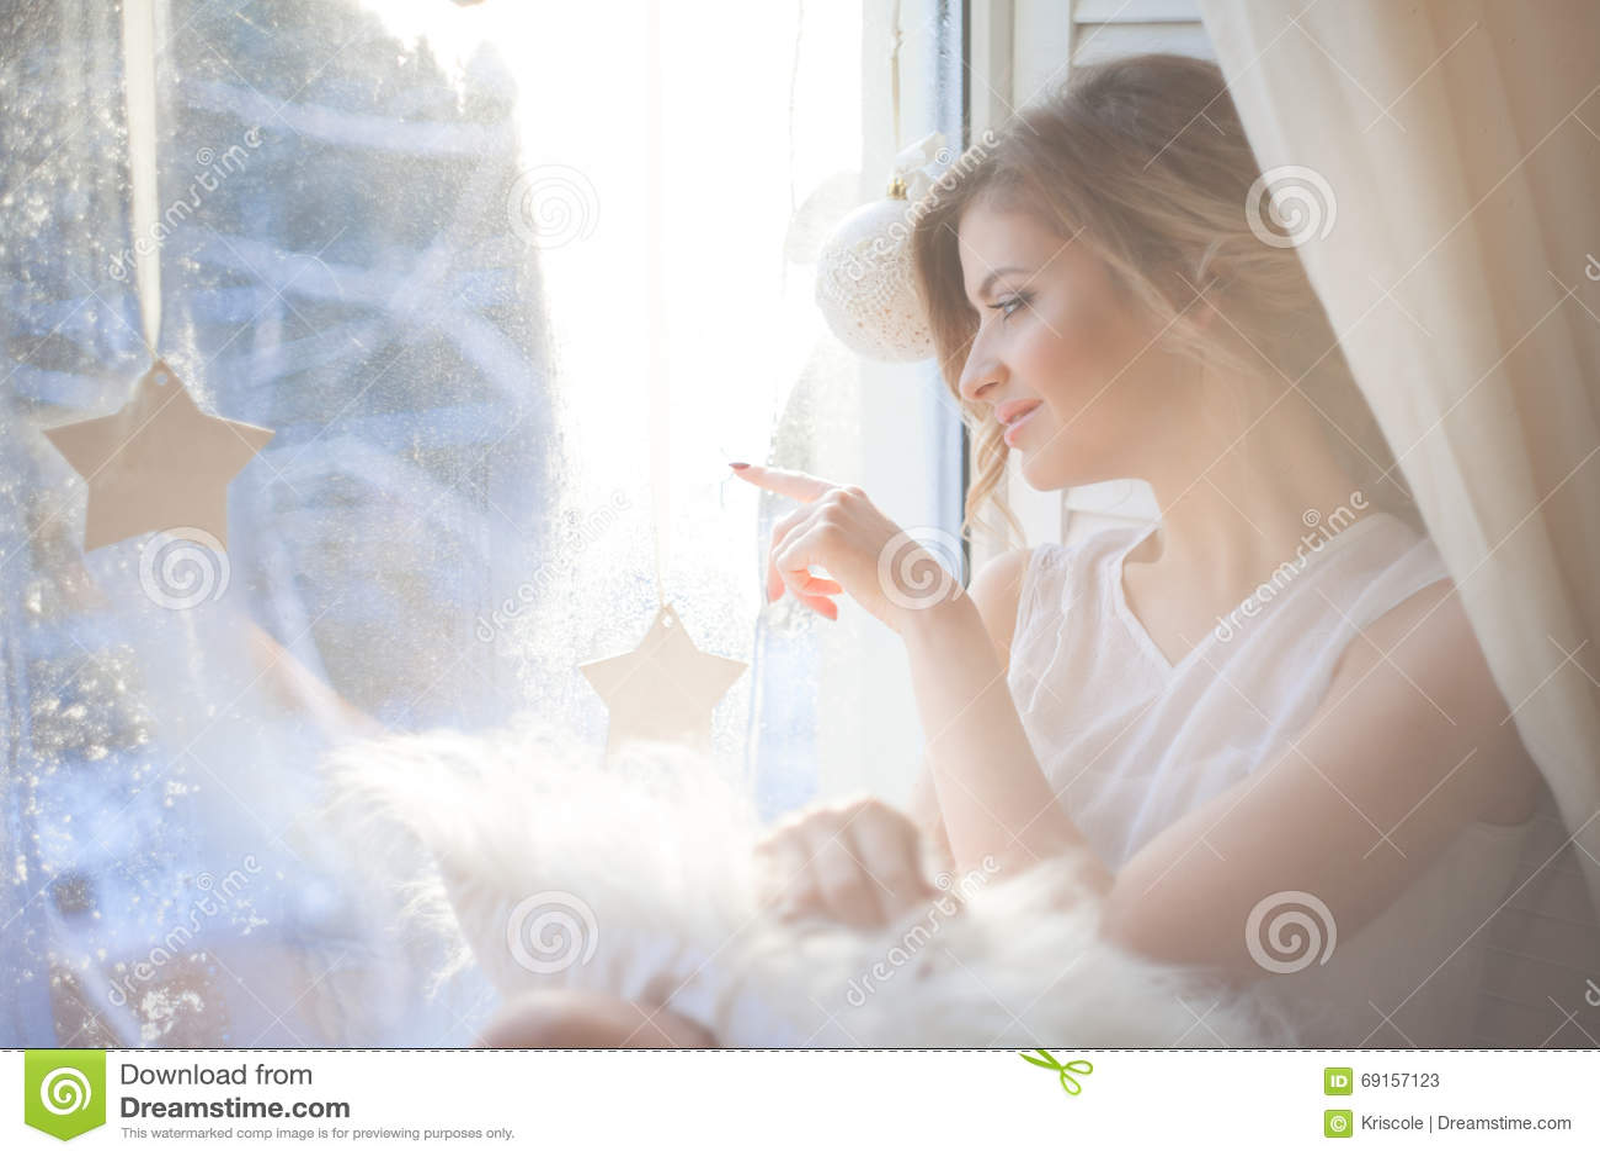 La mujer hermosa con maquillaje diario fresco y el peinado ondulado romántico, sentándose en el alféizar, dibuja sobre el vidrio